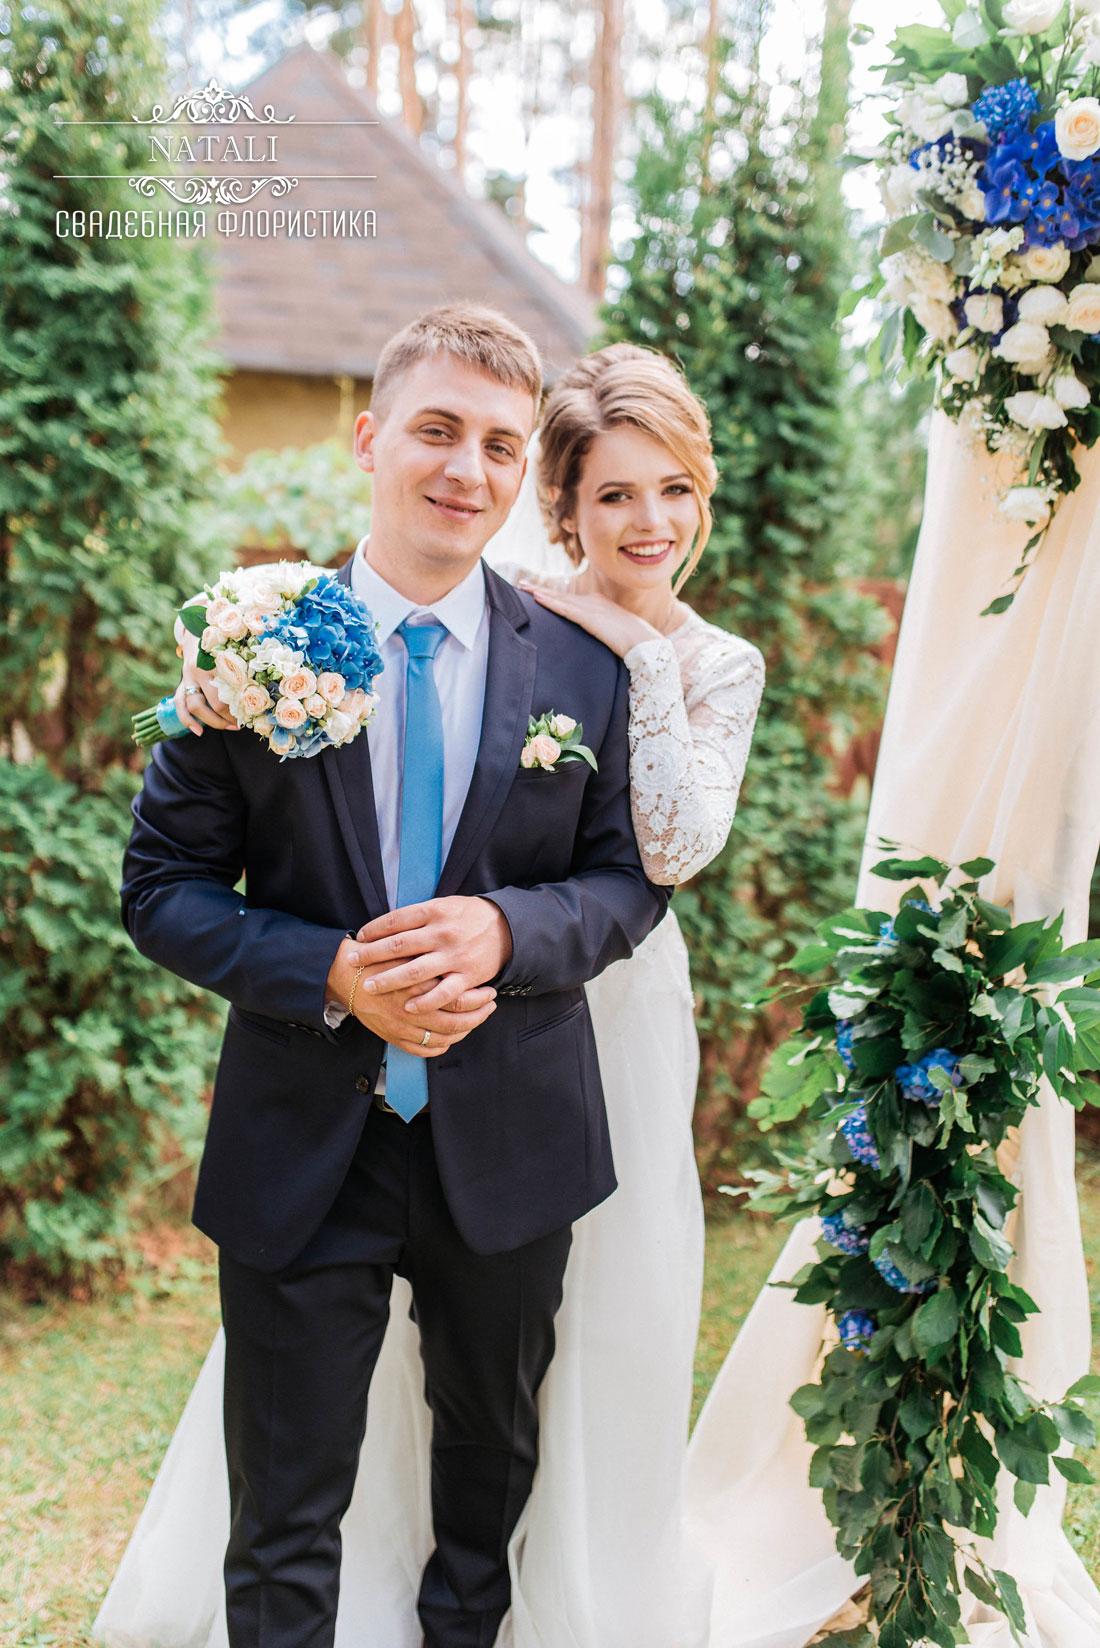 невеста, свадьба, арка, свадебный букет